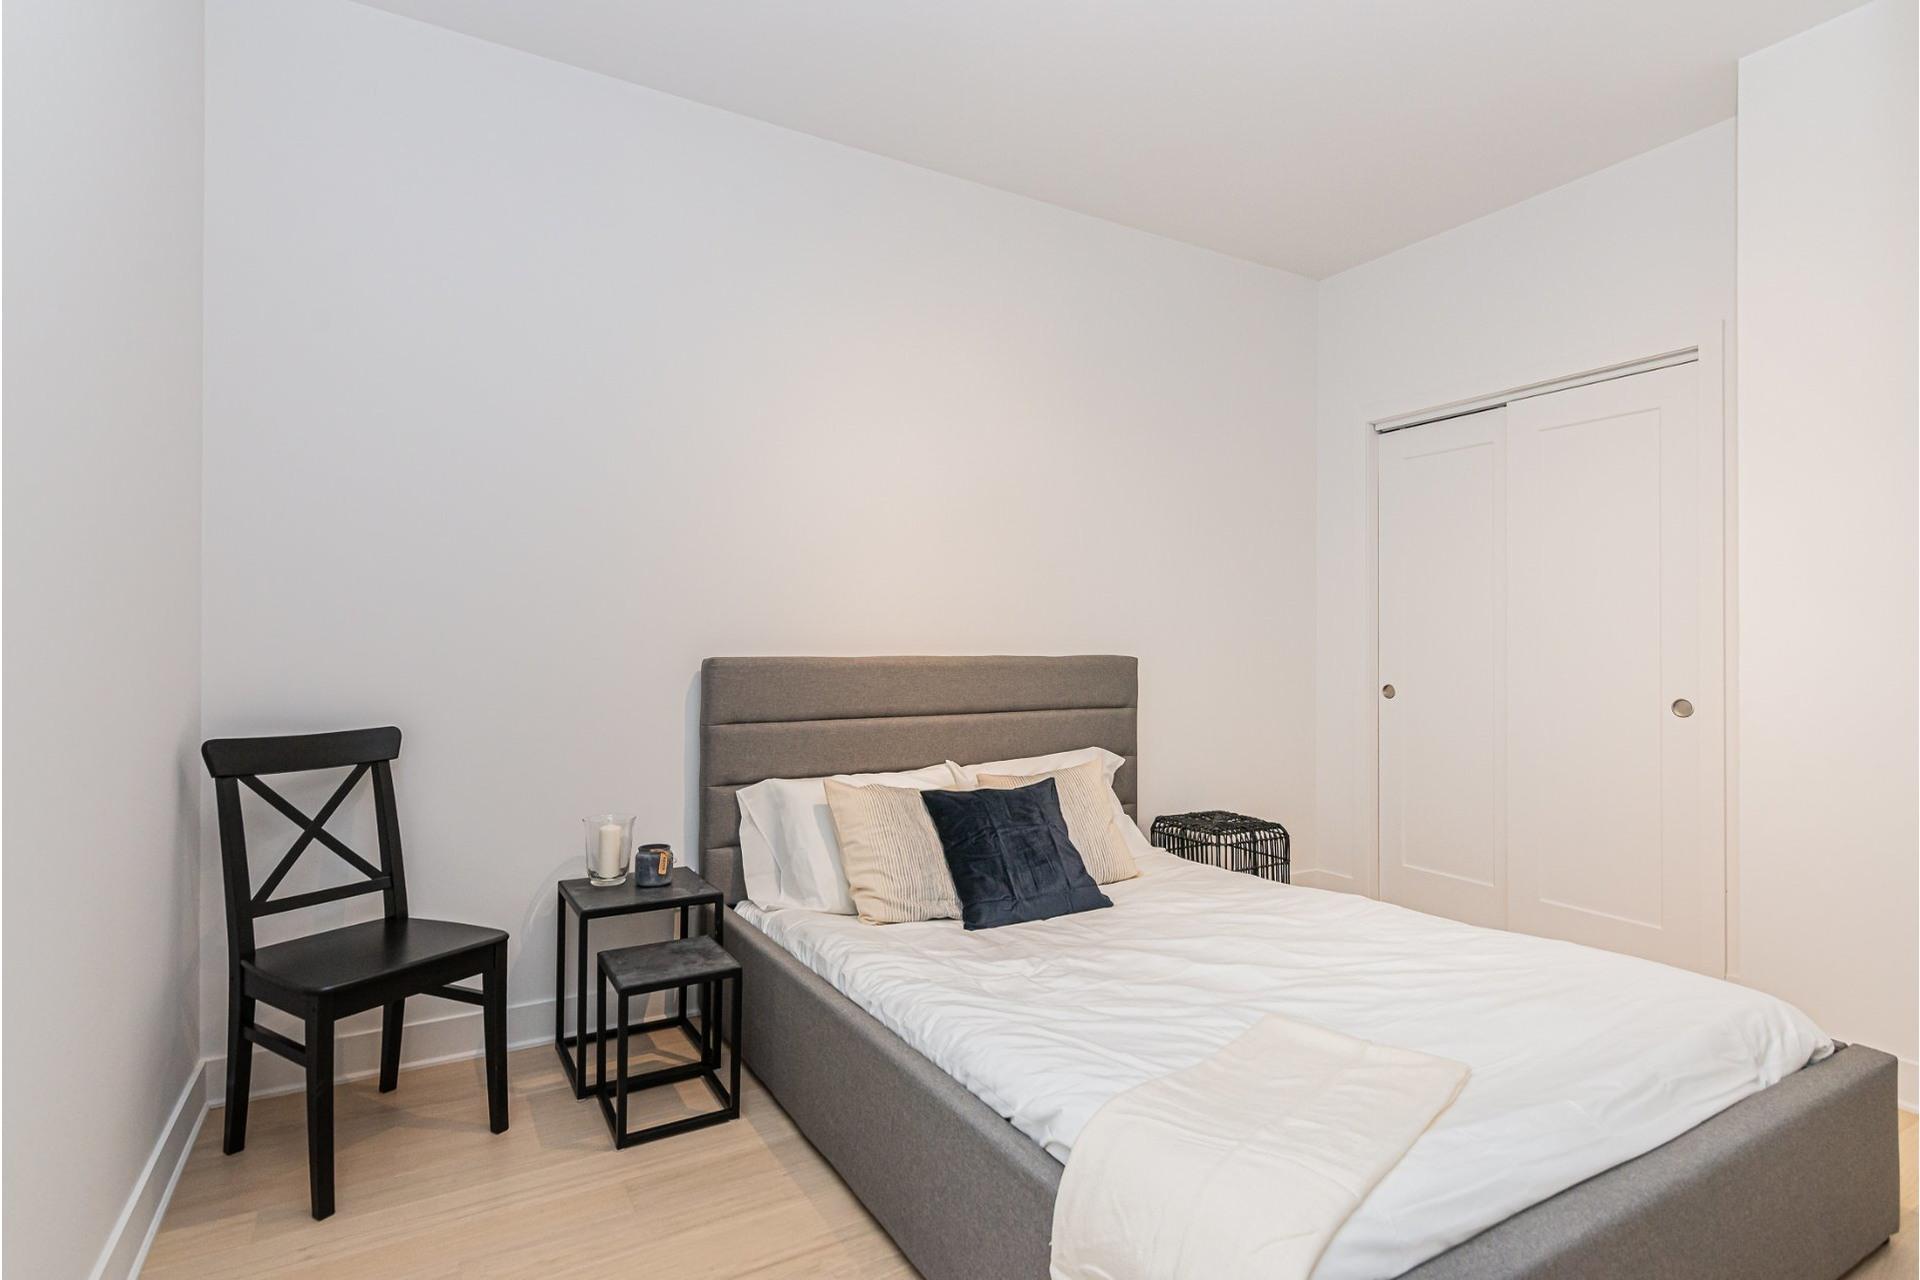 image 21 - Appartement À vendre Rosemont/La Petite-Patrie Montréal  - 5 pièces